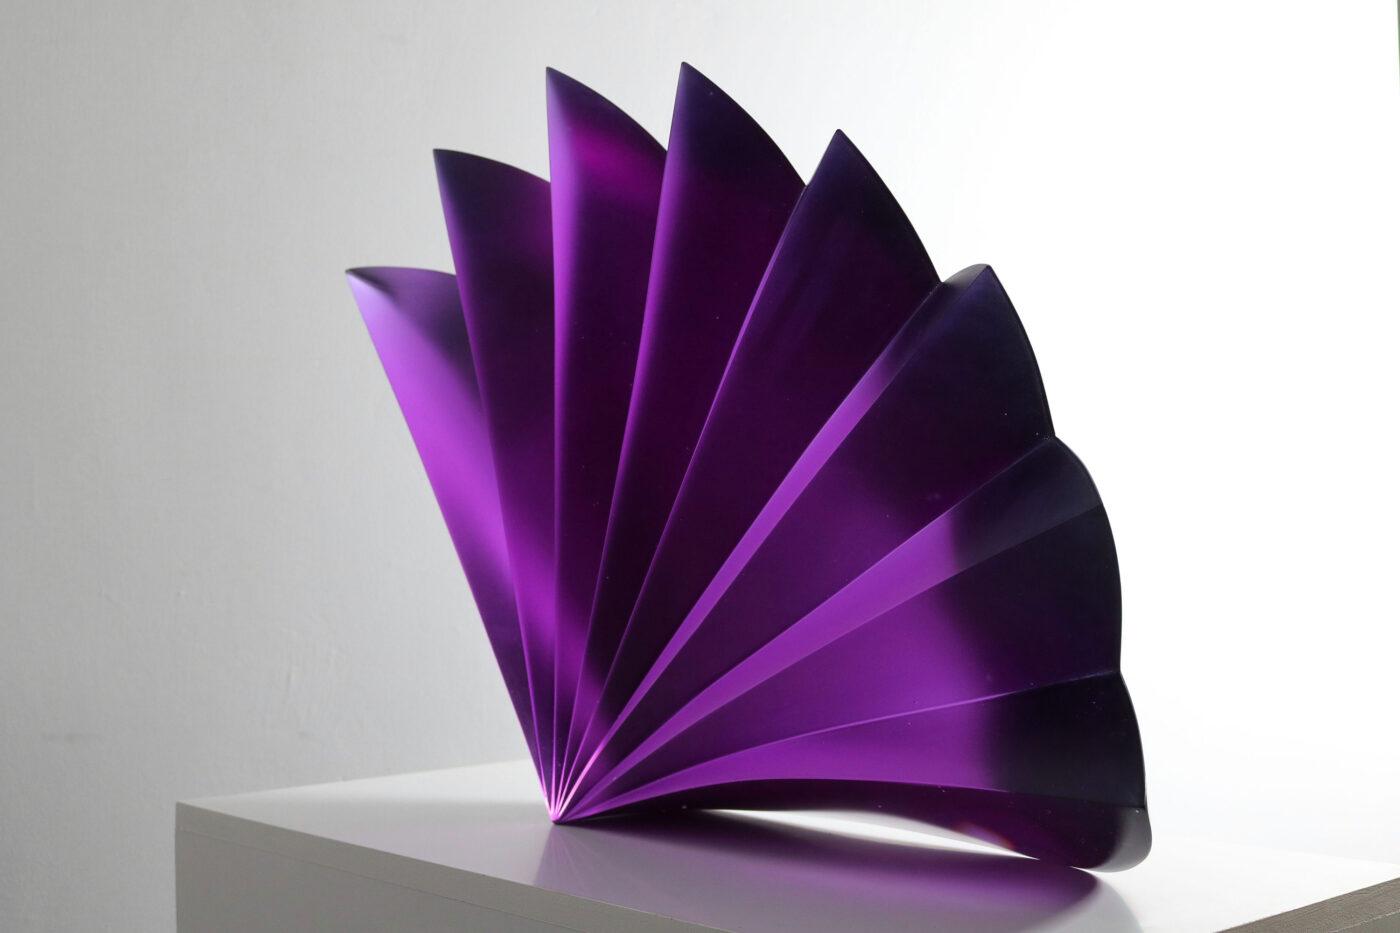 ROYAL,-80x50x12cm